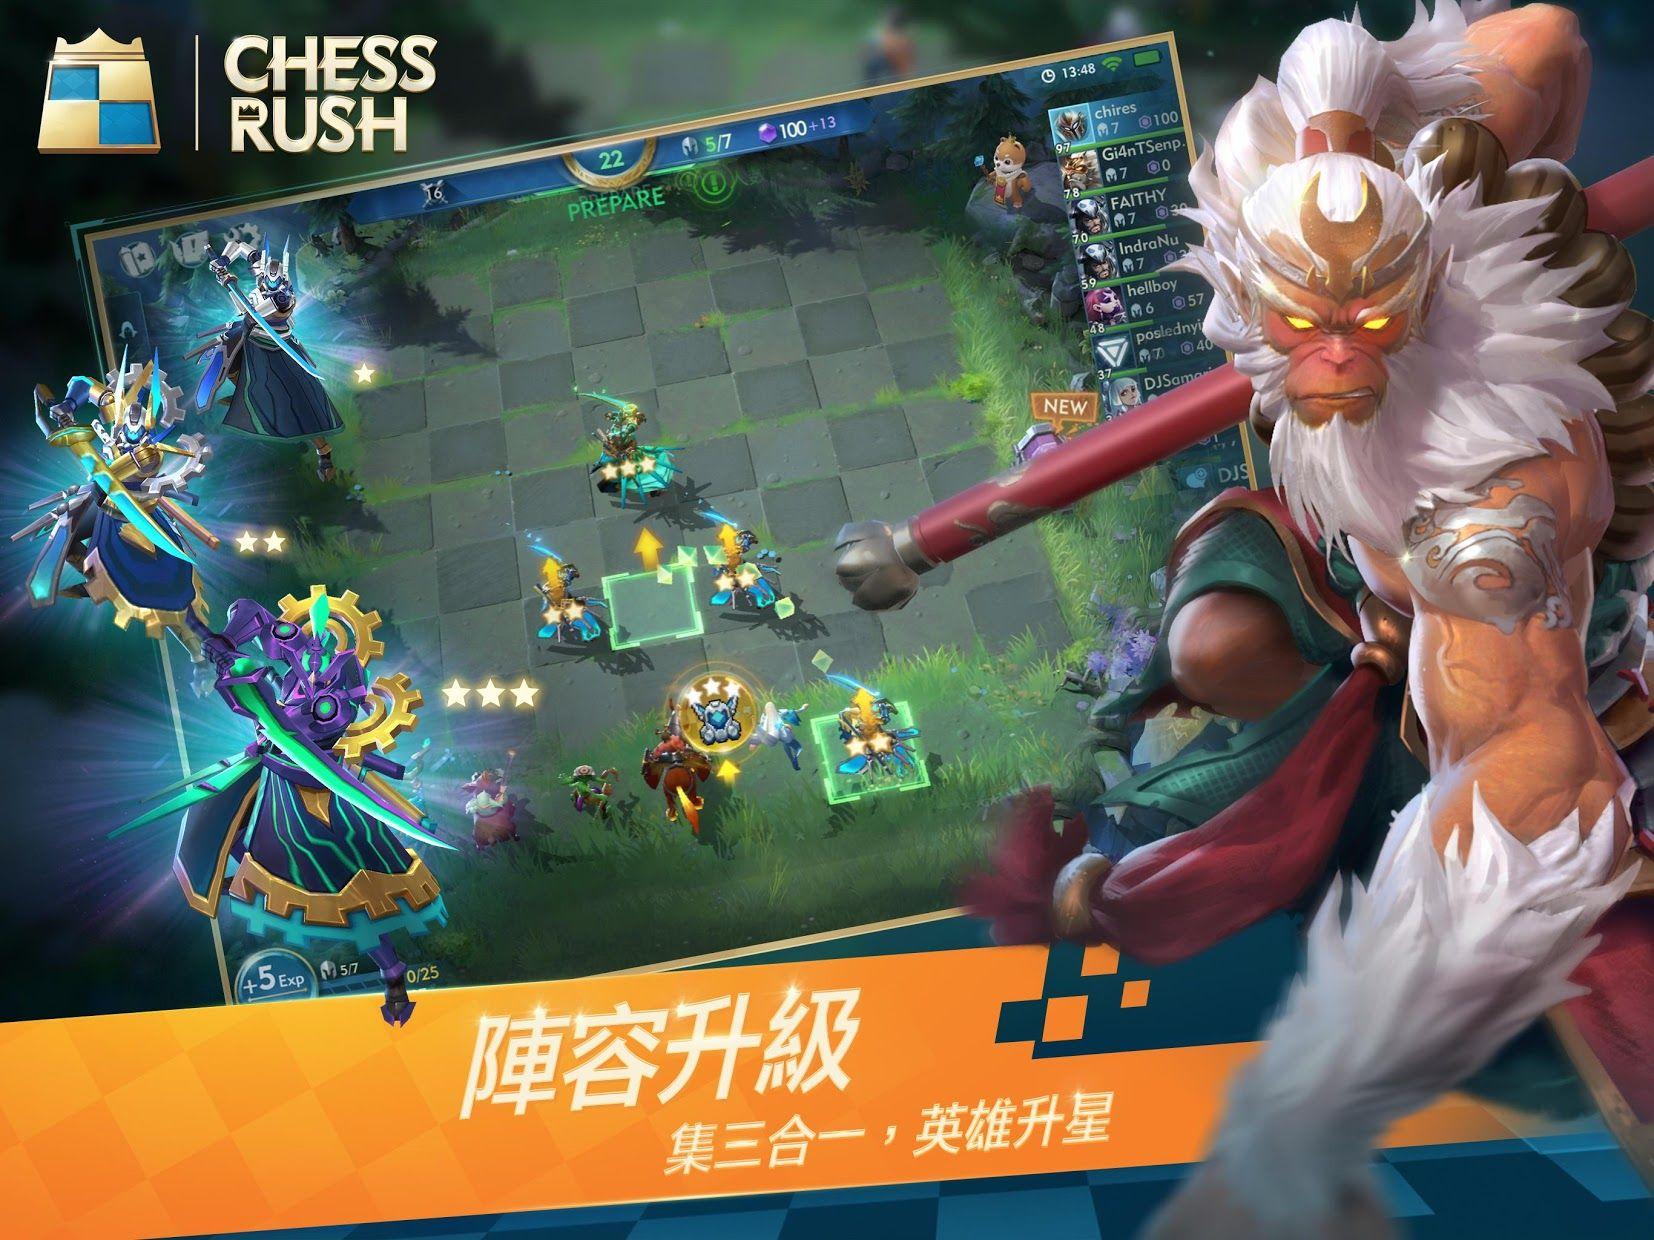 Chess Rush 游戏截图4